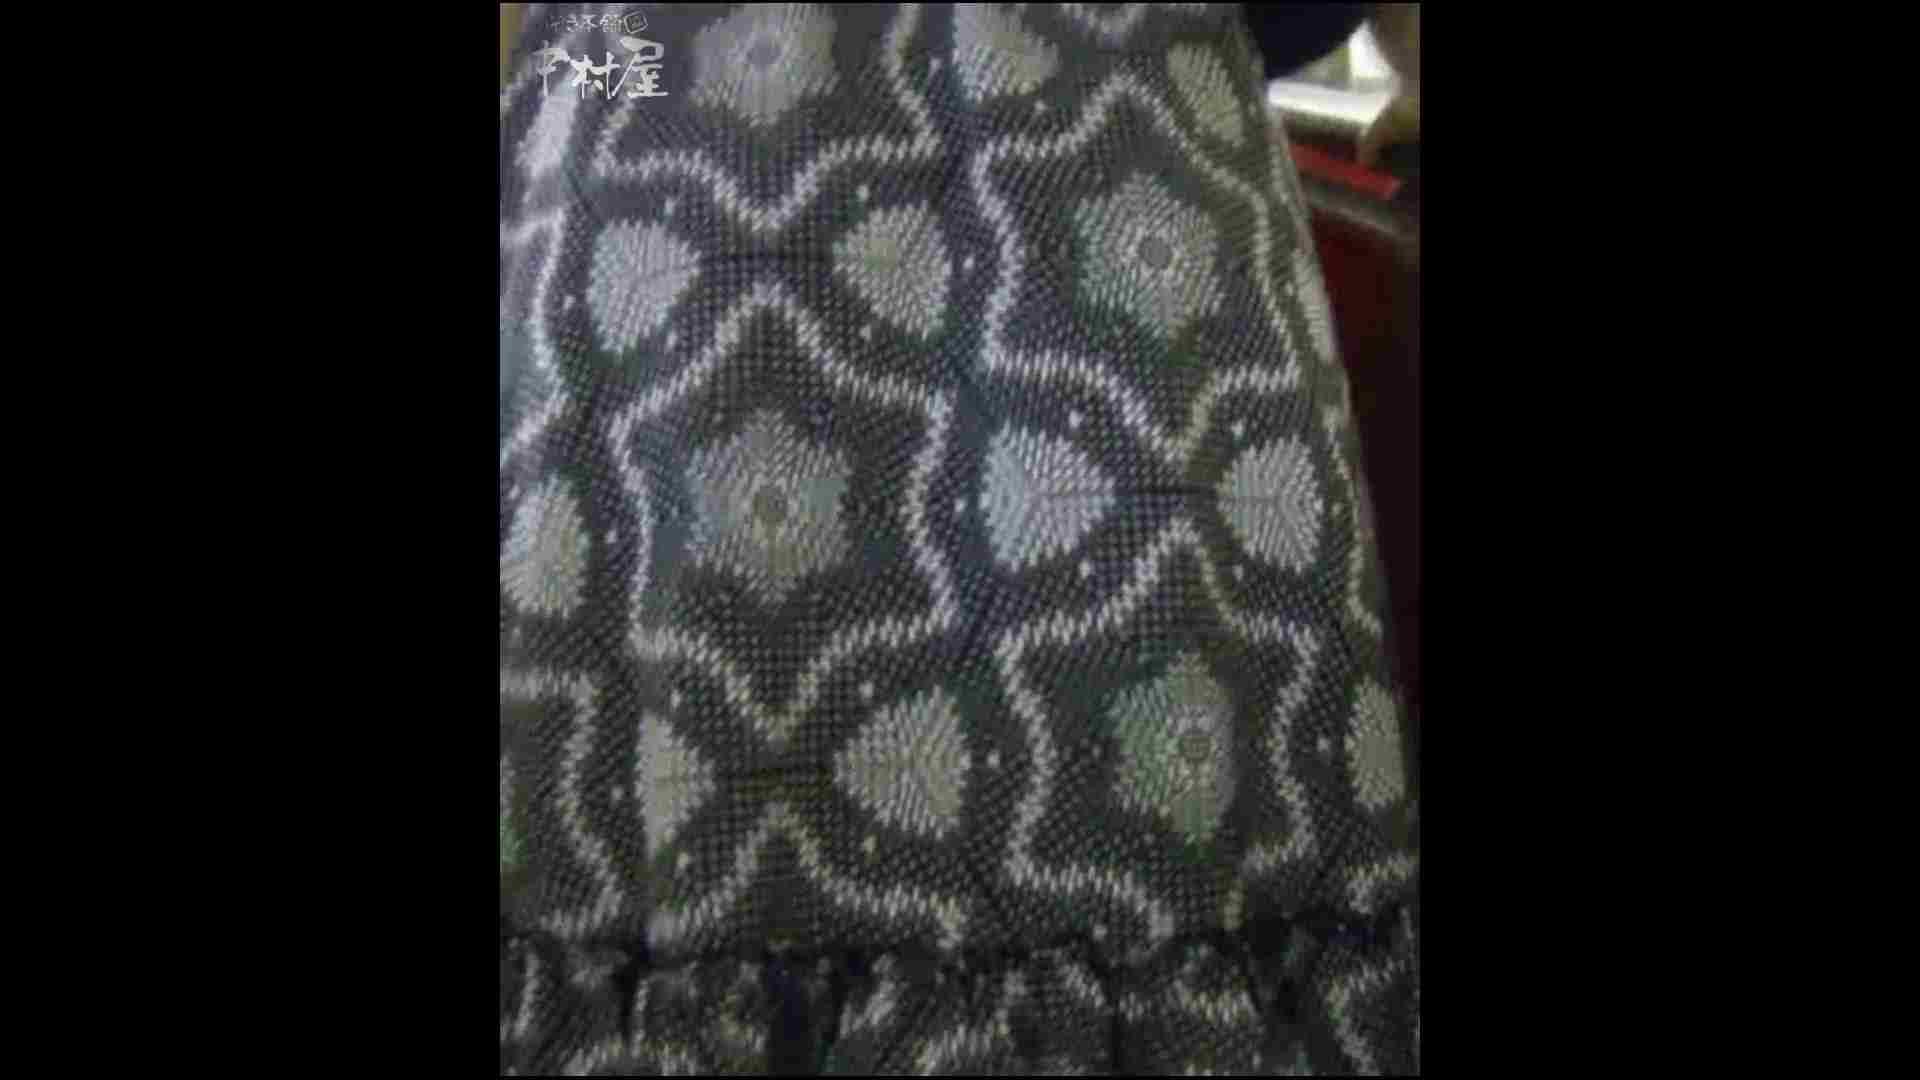 綺麗なモデルさんのスカート捲っちゃおう‼ vol11 OLエロ画像  61PICs 48